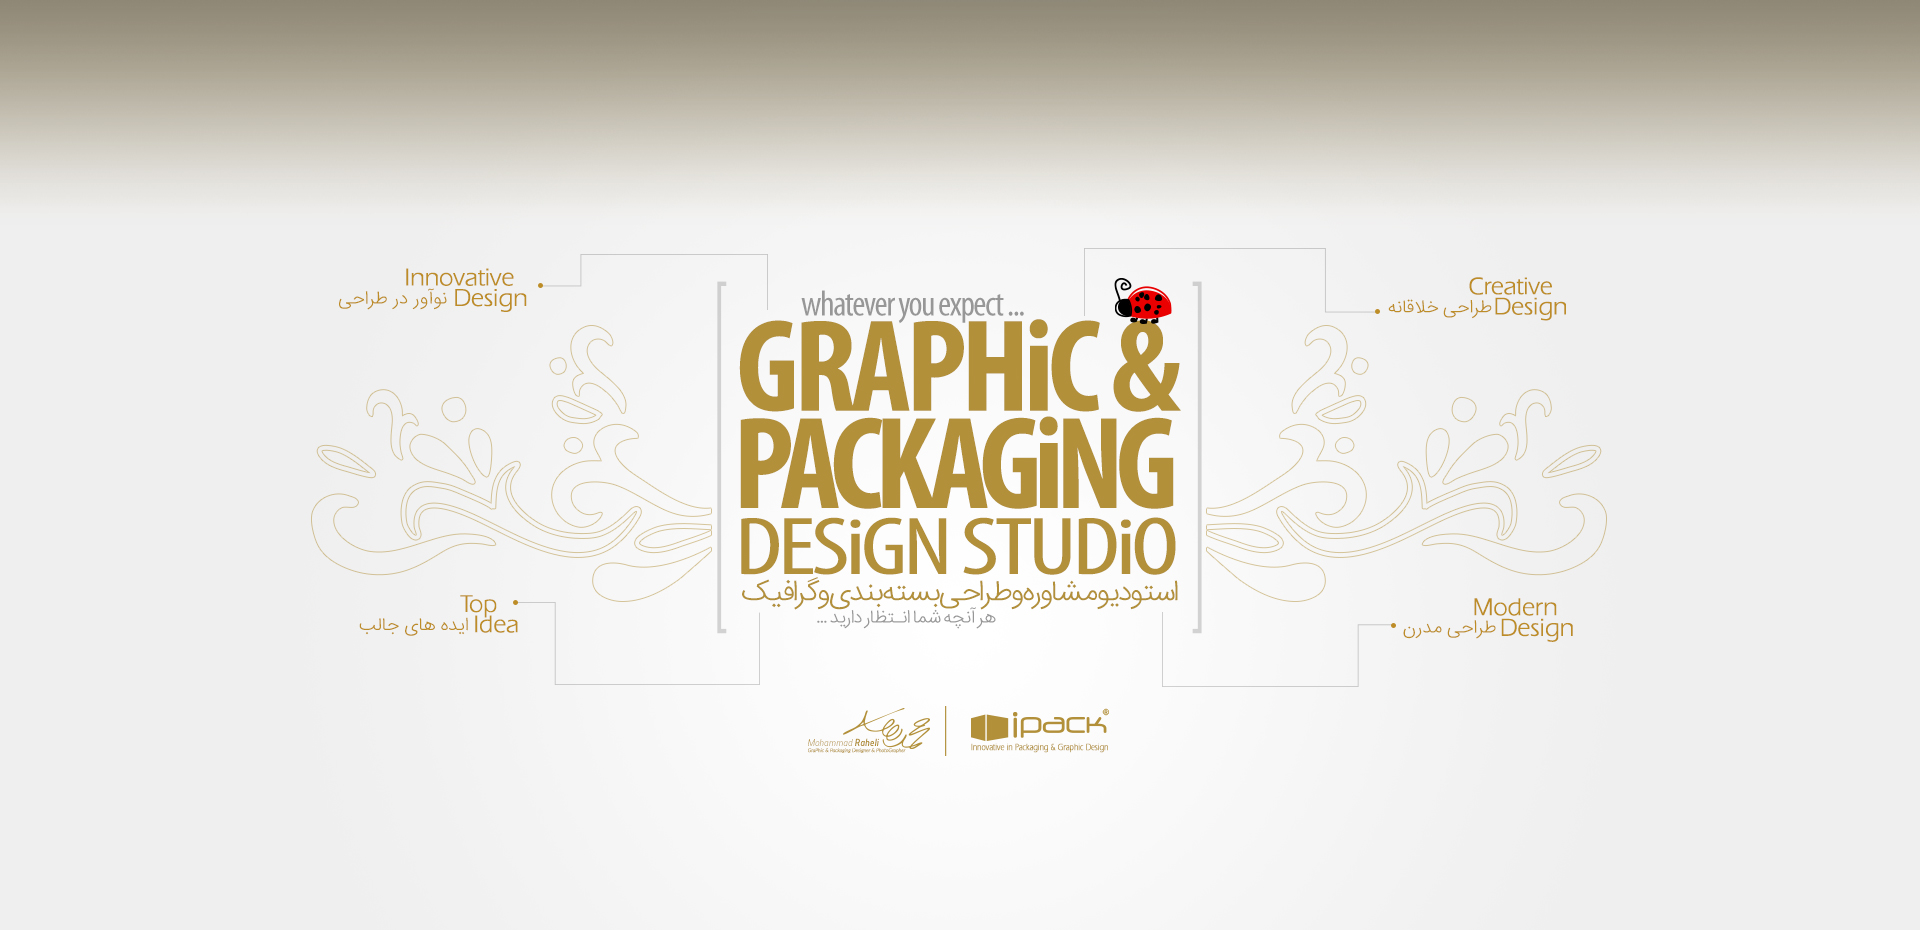 استودیو طراحی بسته بندی، گرافیک و عکاسی آی پک iPack راحلی